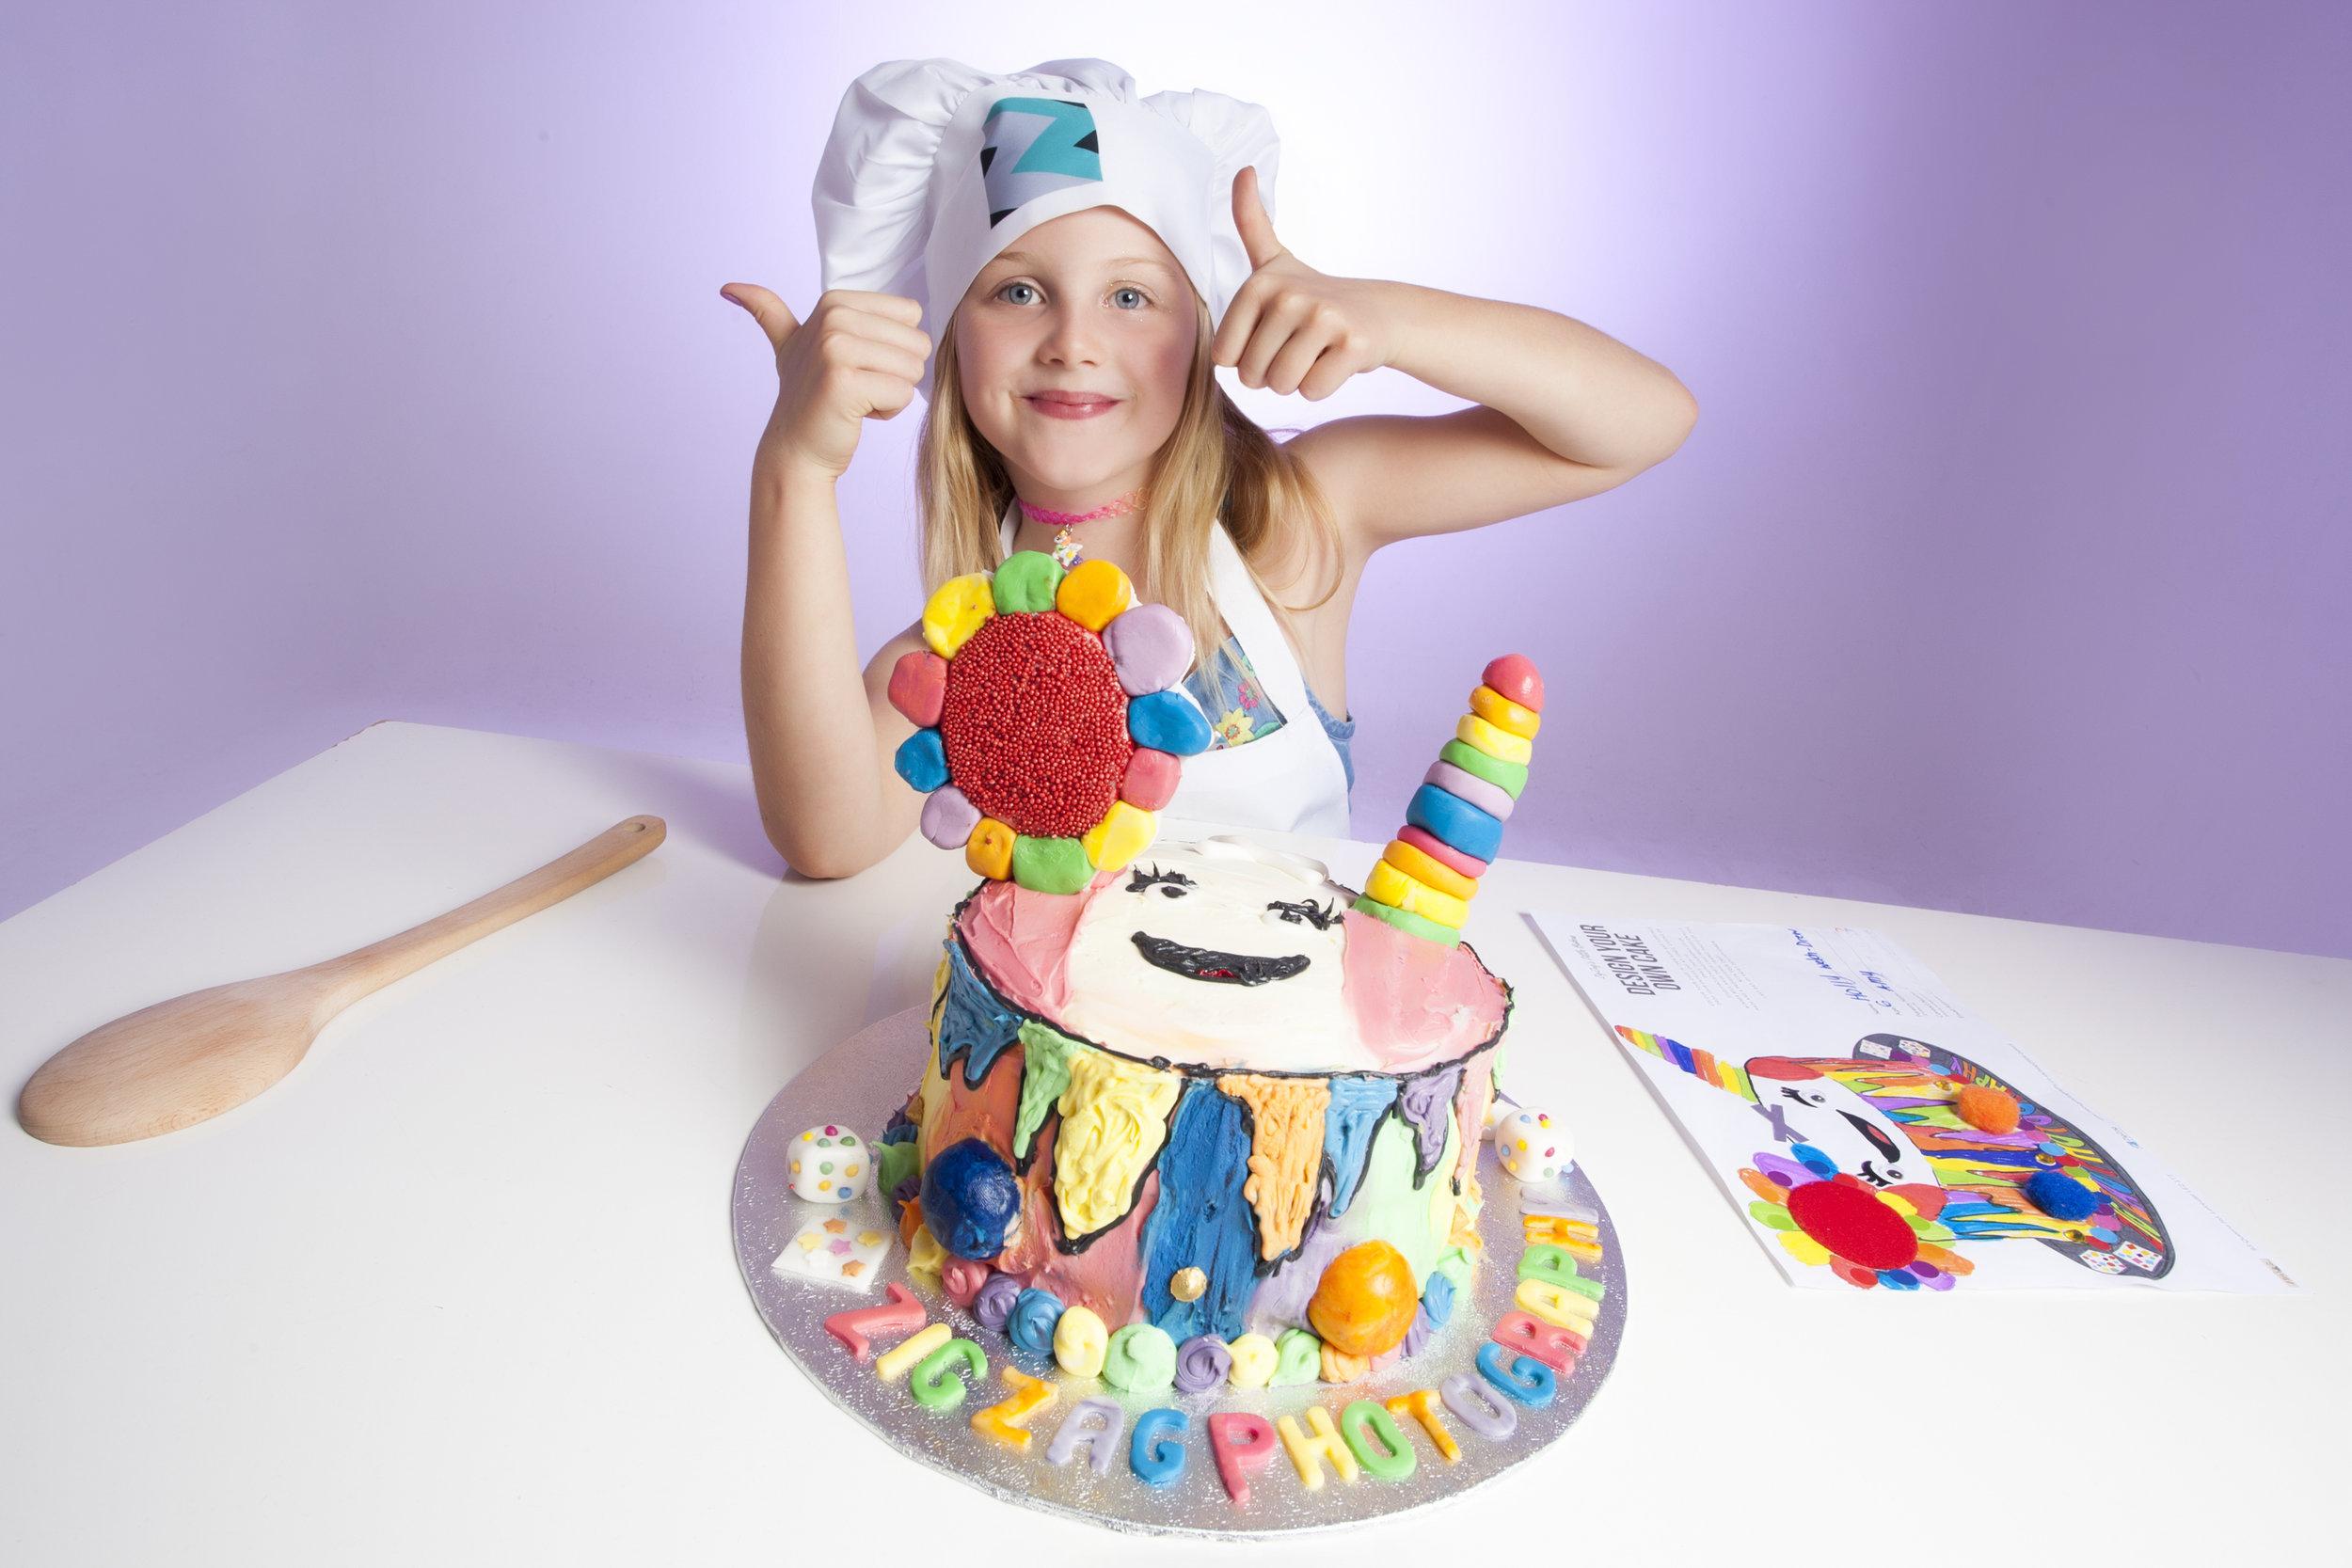 zigzag-photography-leicester-jones-cafe-bistro-queens-road-cake-baker